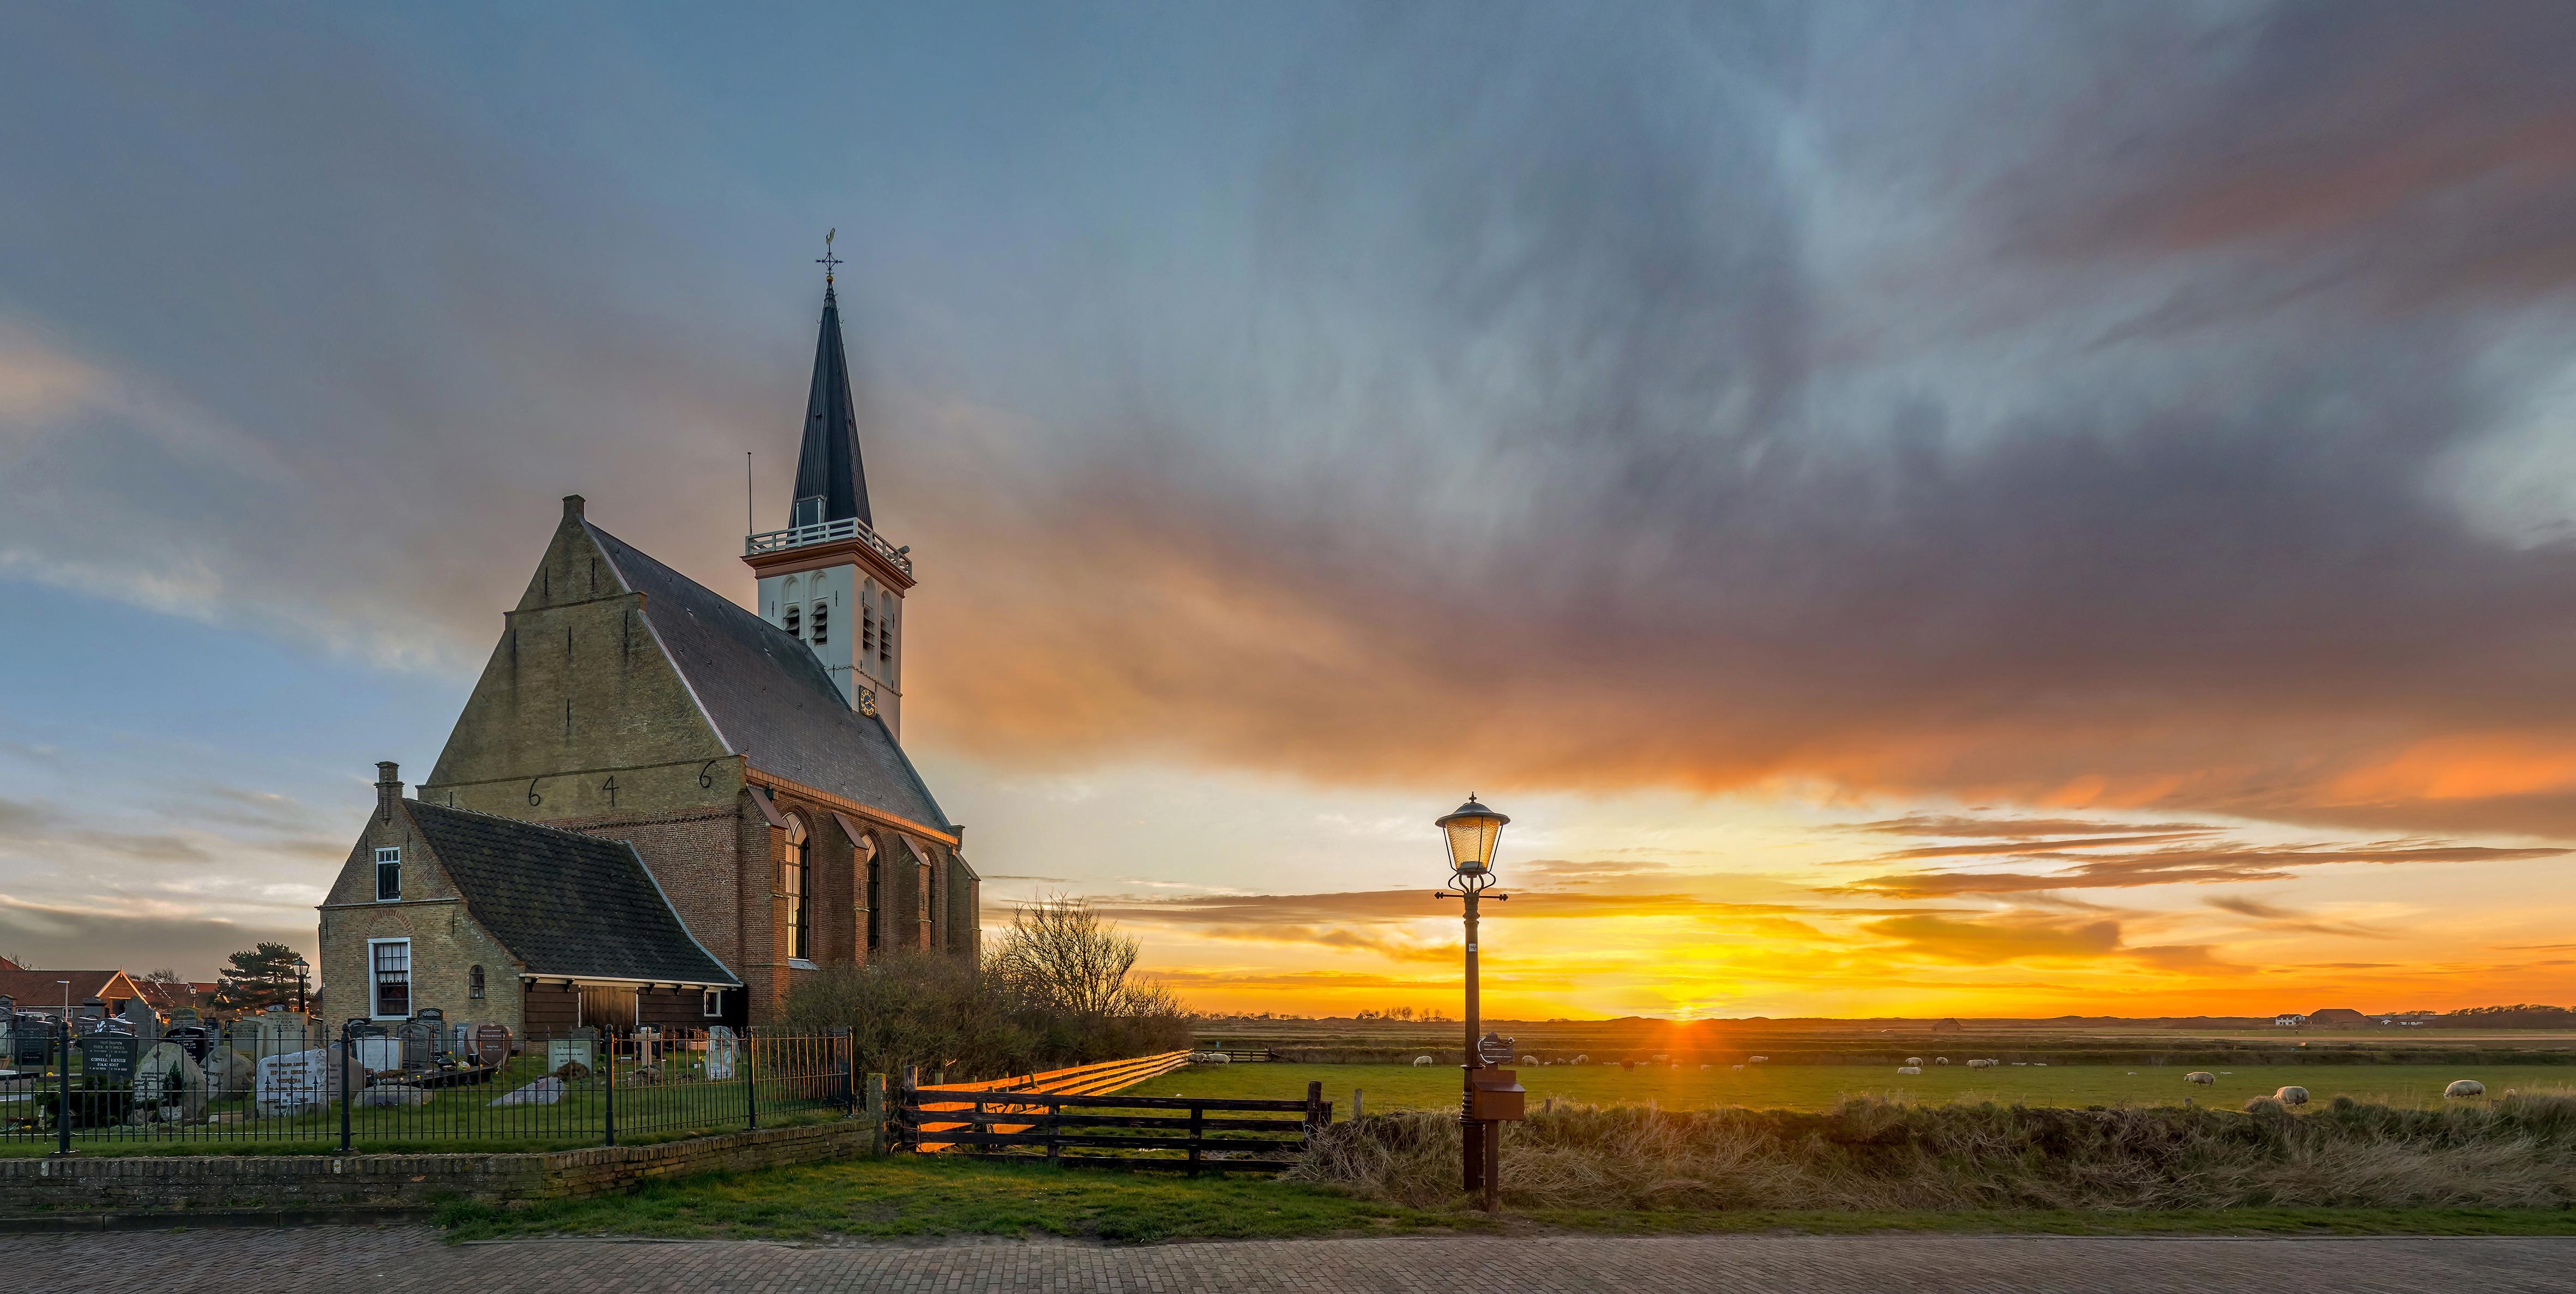 De beste fototips voor Texel: door de knieën bij de Eierlandse Dam en naar de jachthaven voor zeeleven